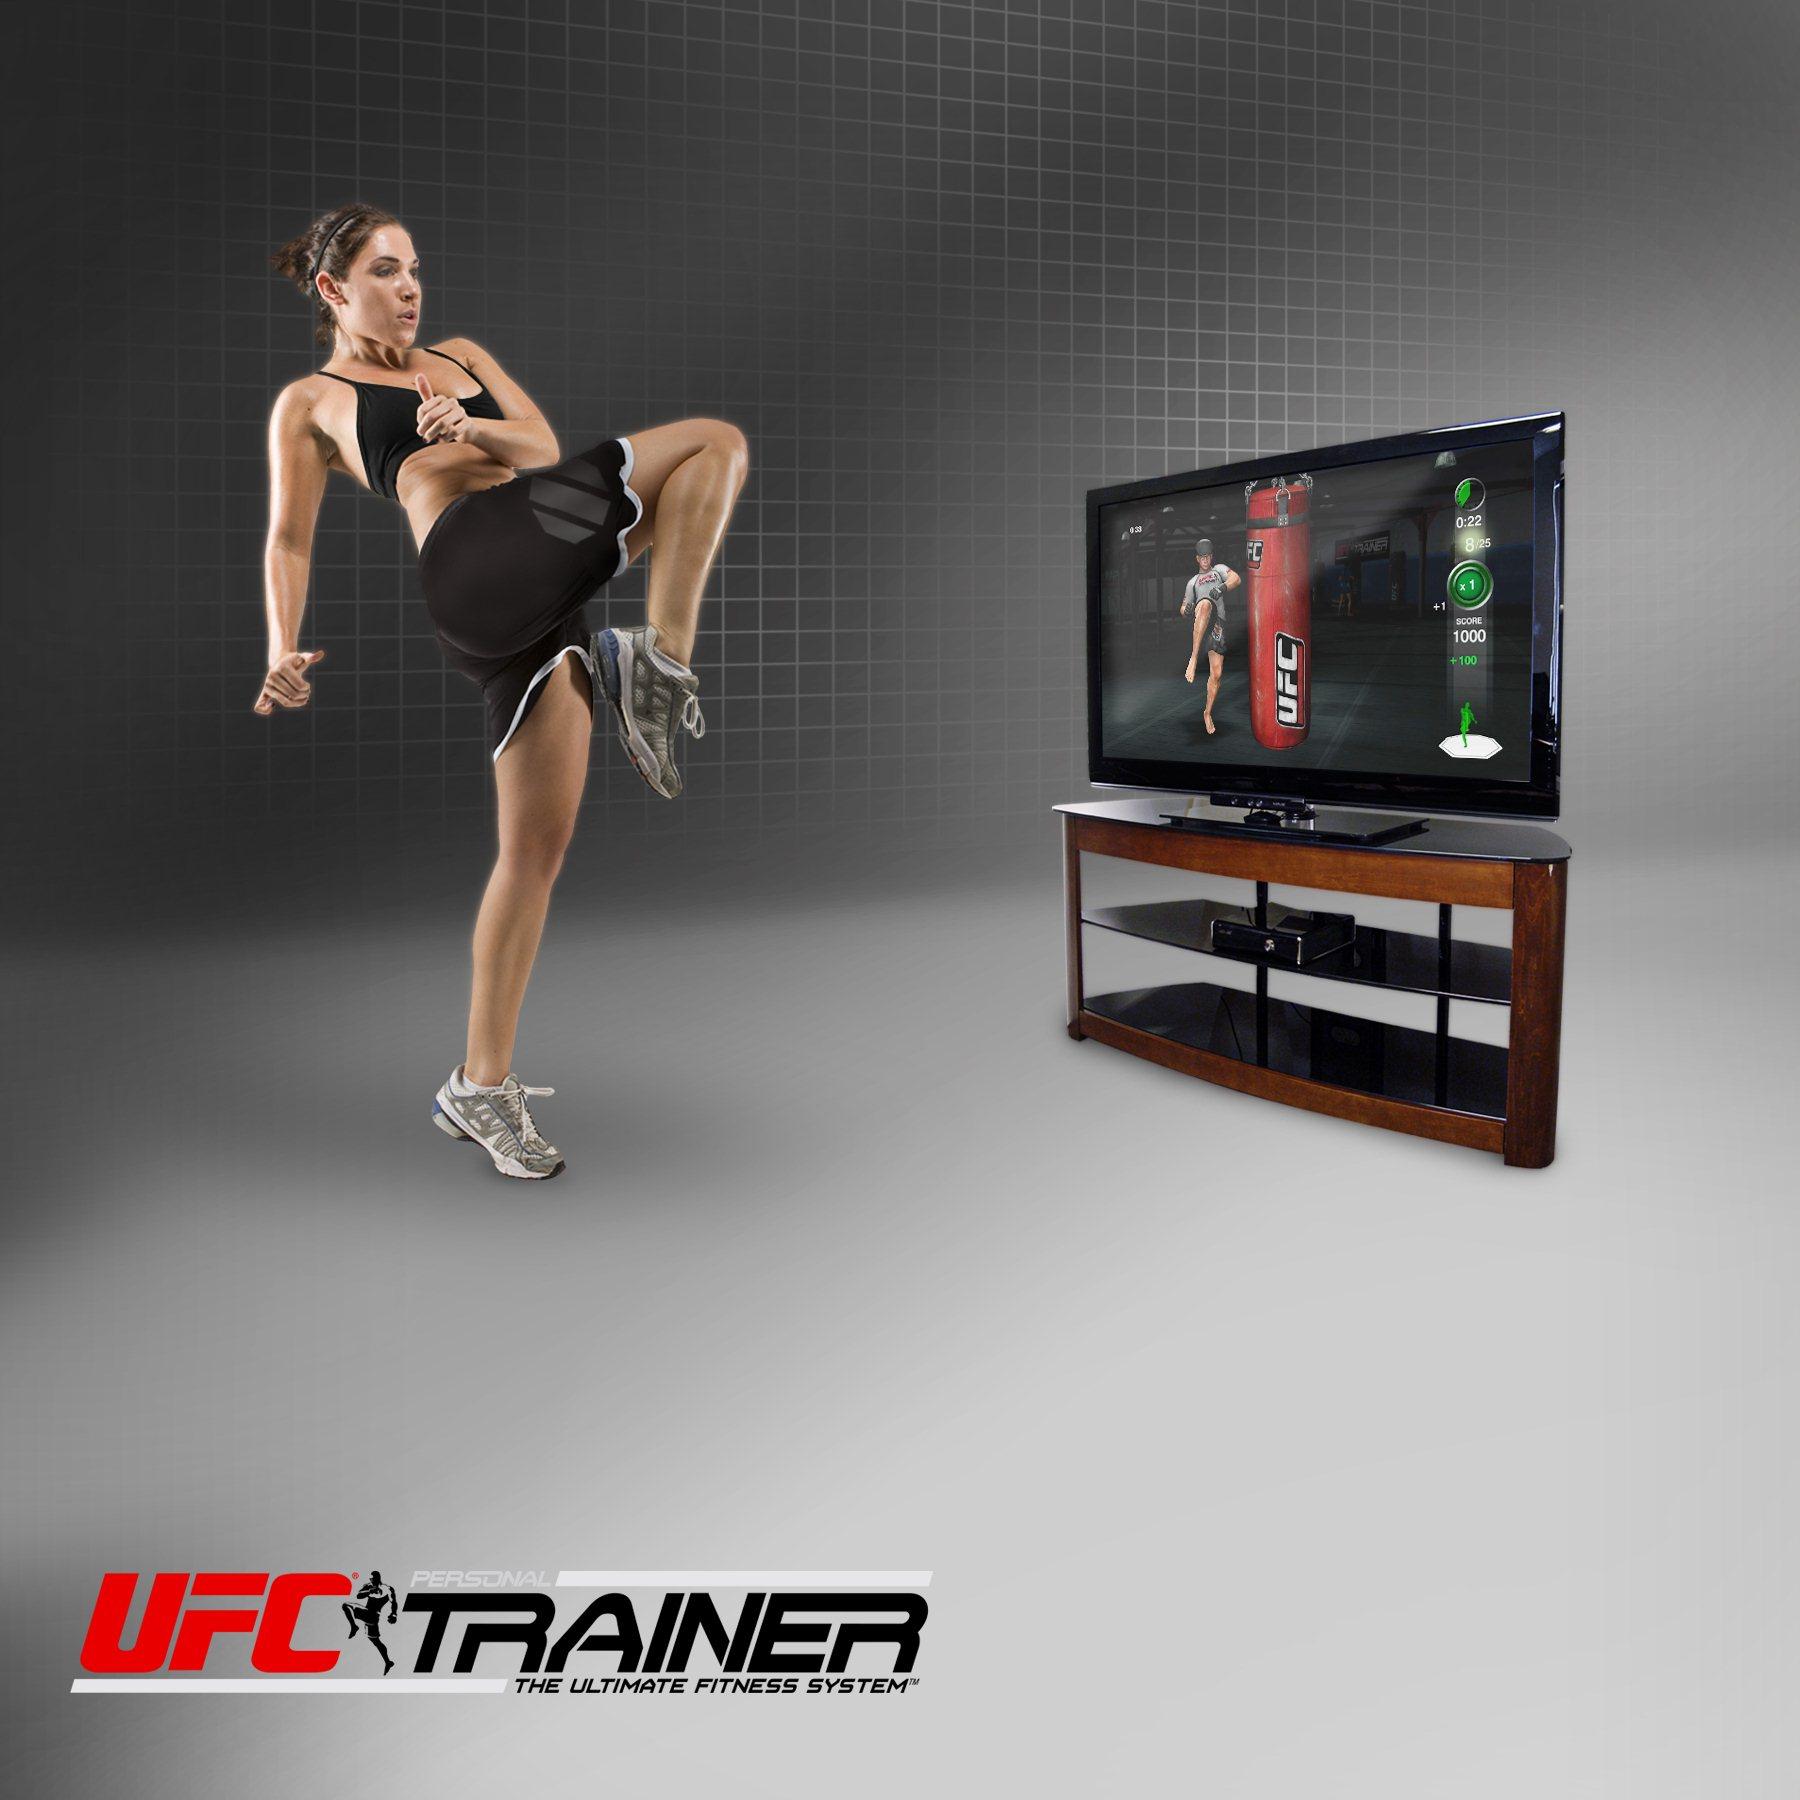 UFC Trainer - Versione Xbox 360 con Kinect